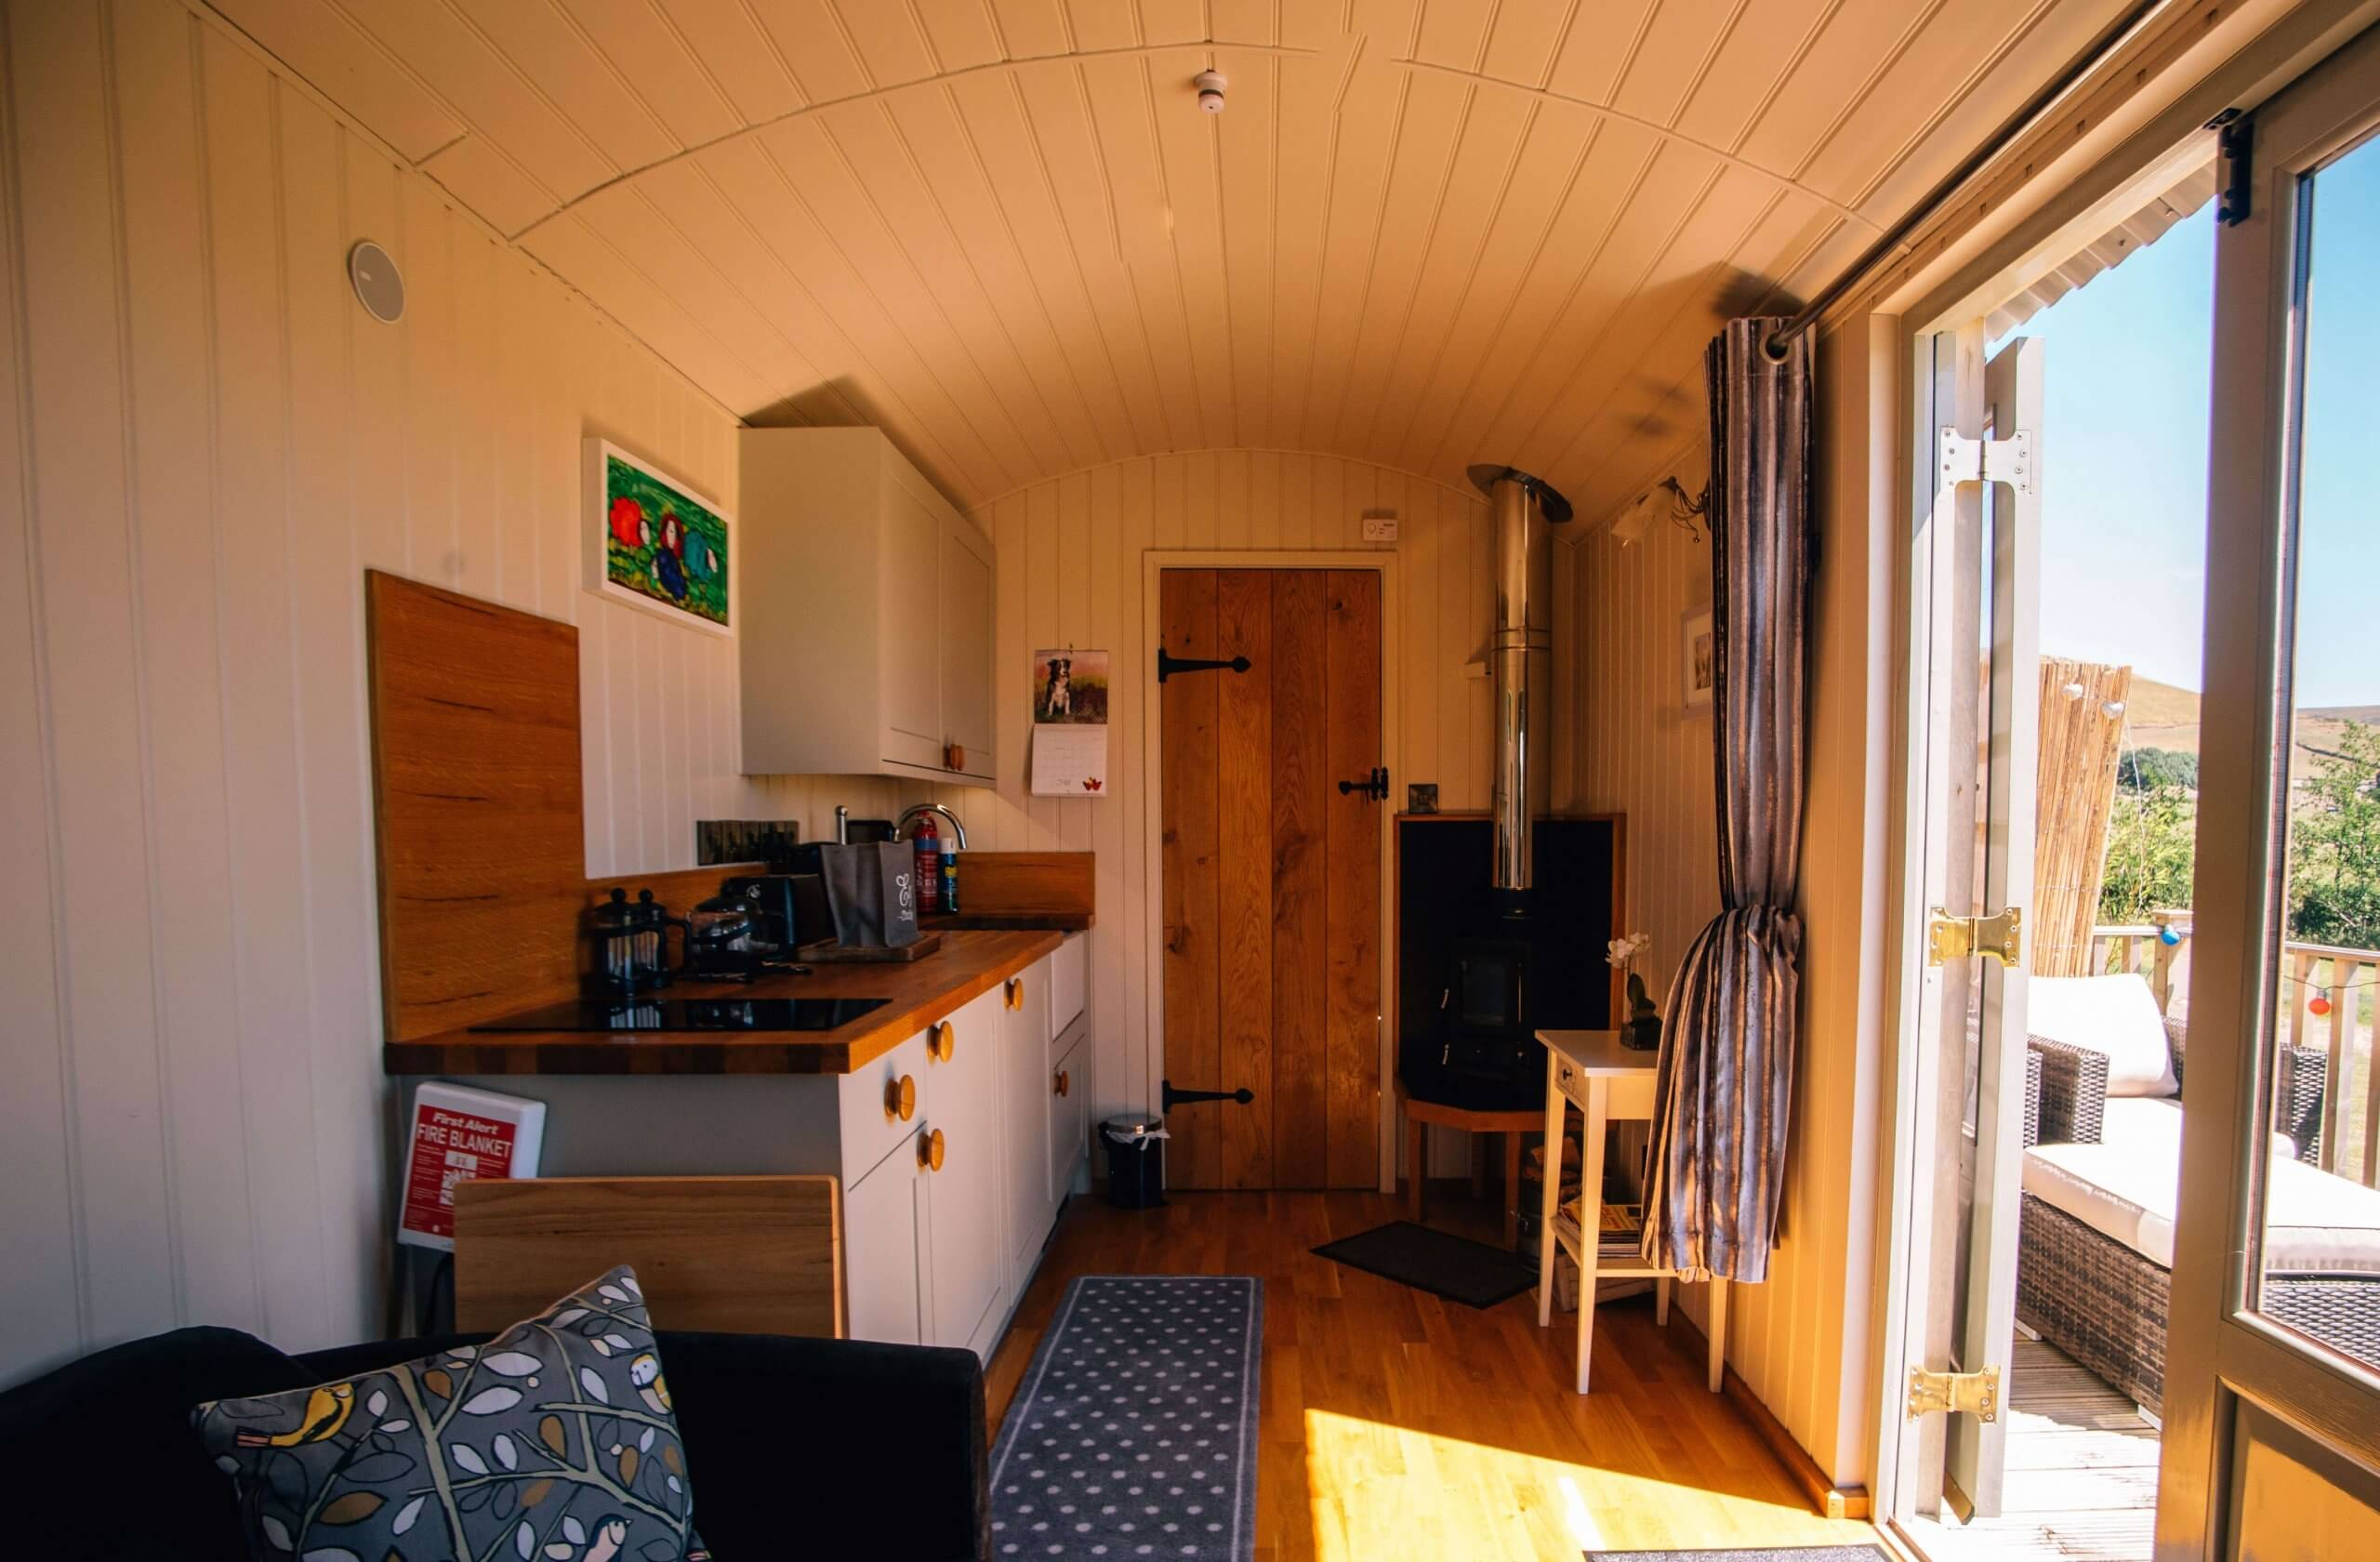 Eric's Hut Interior 2